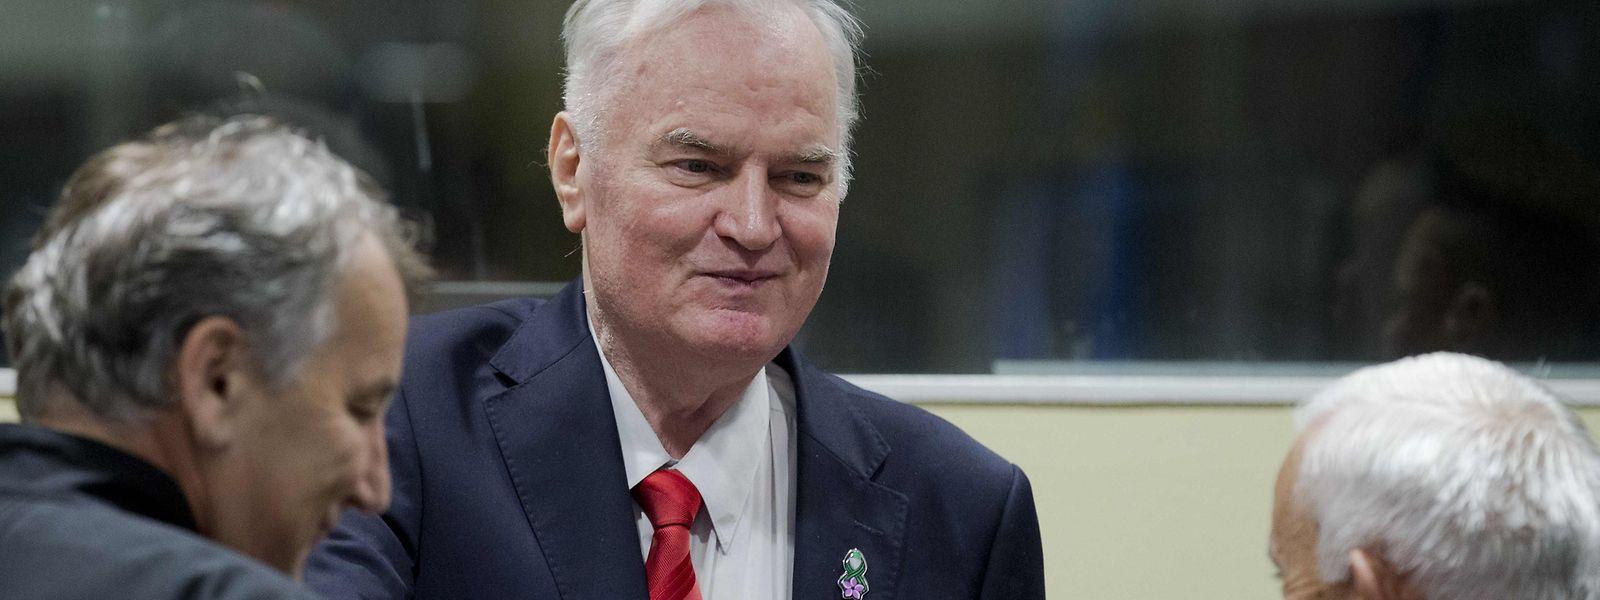 Ratko Mladic vor Gericht.